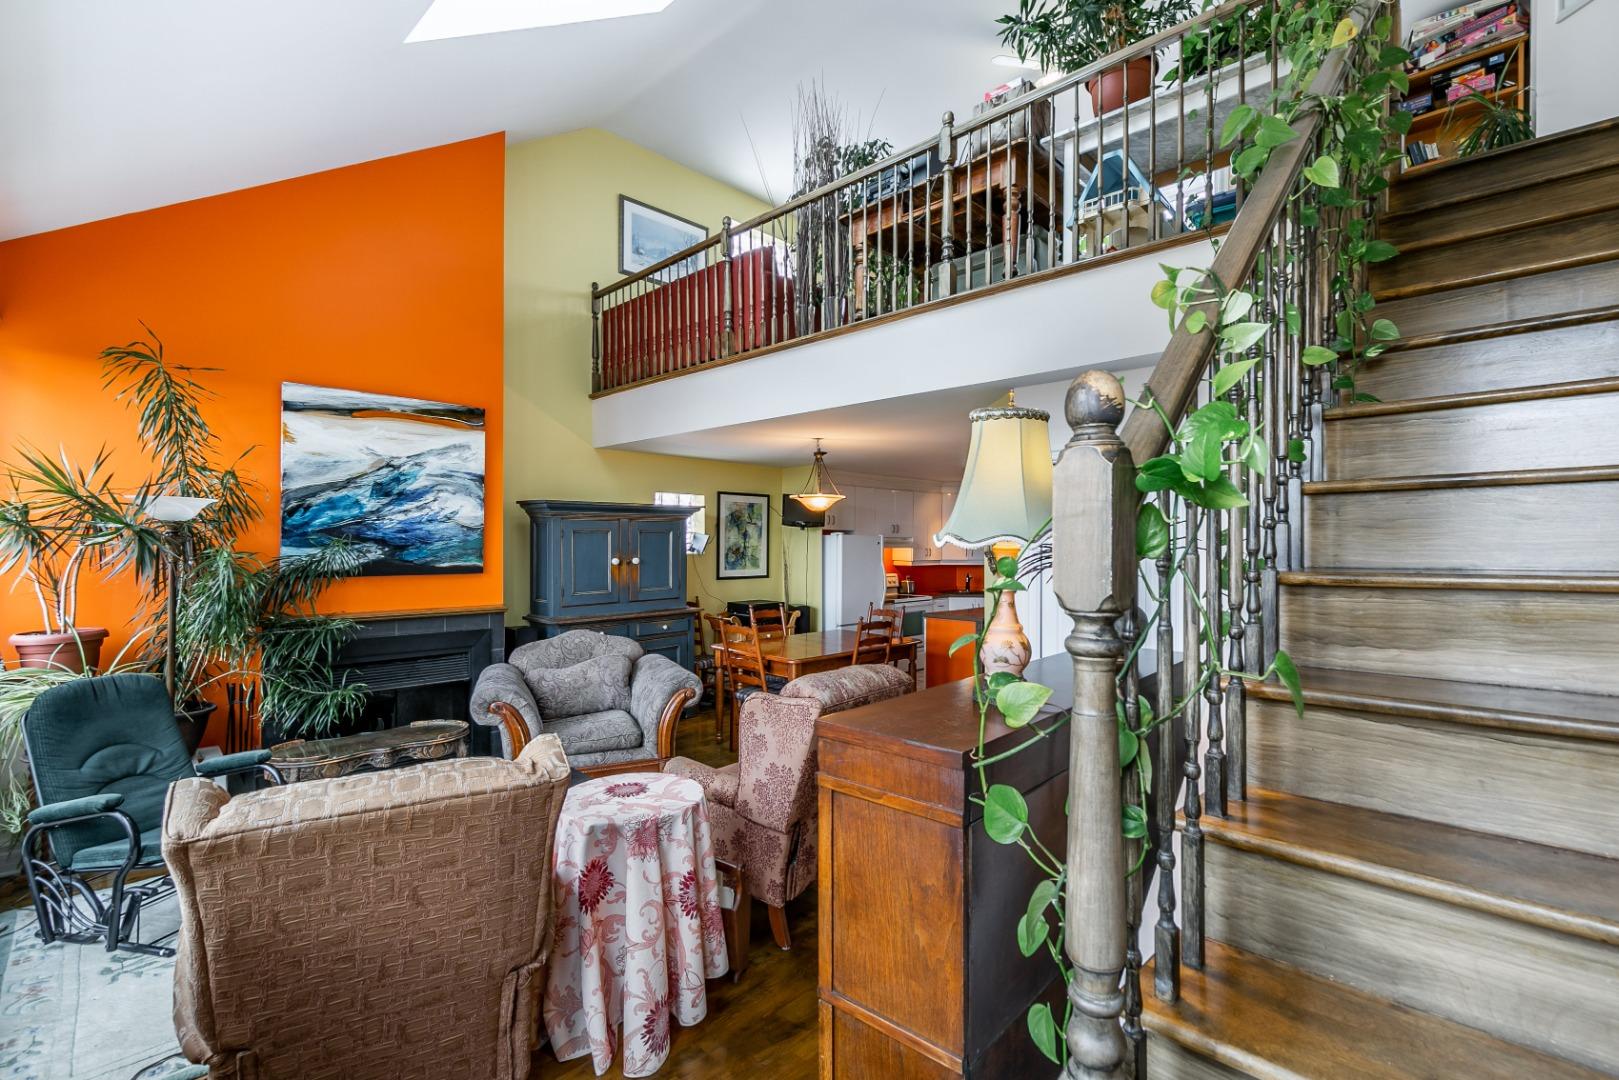 Condo à vendre Rosemont 6529 rue Cartier Montréal-20.jpg